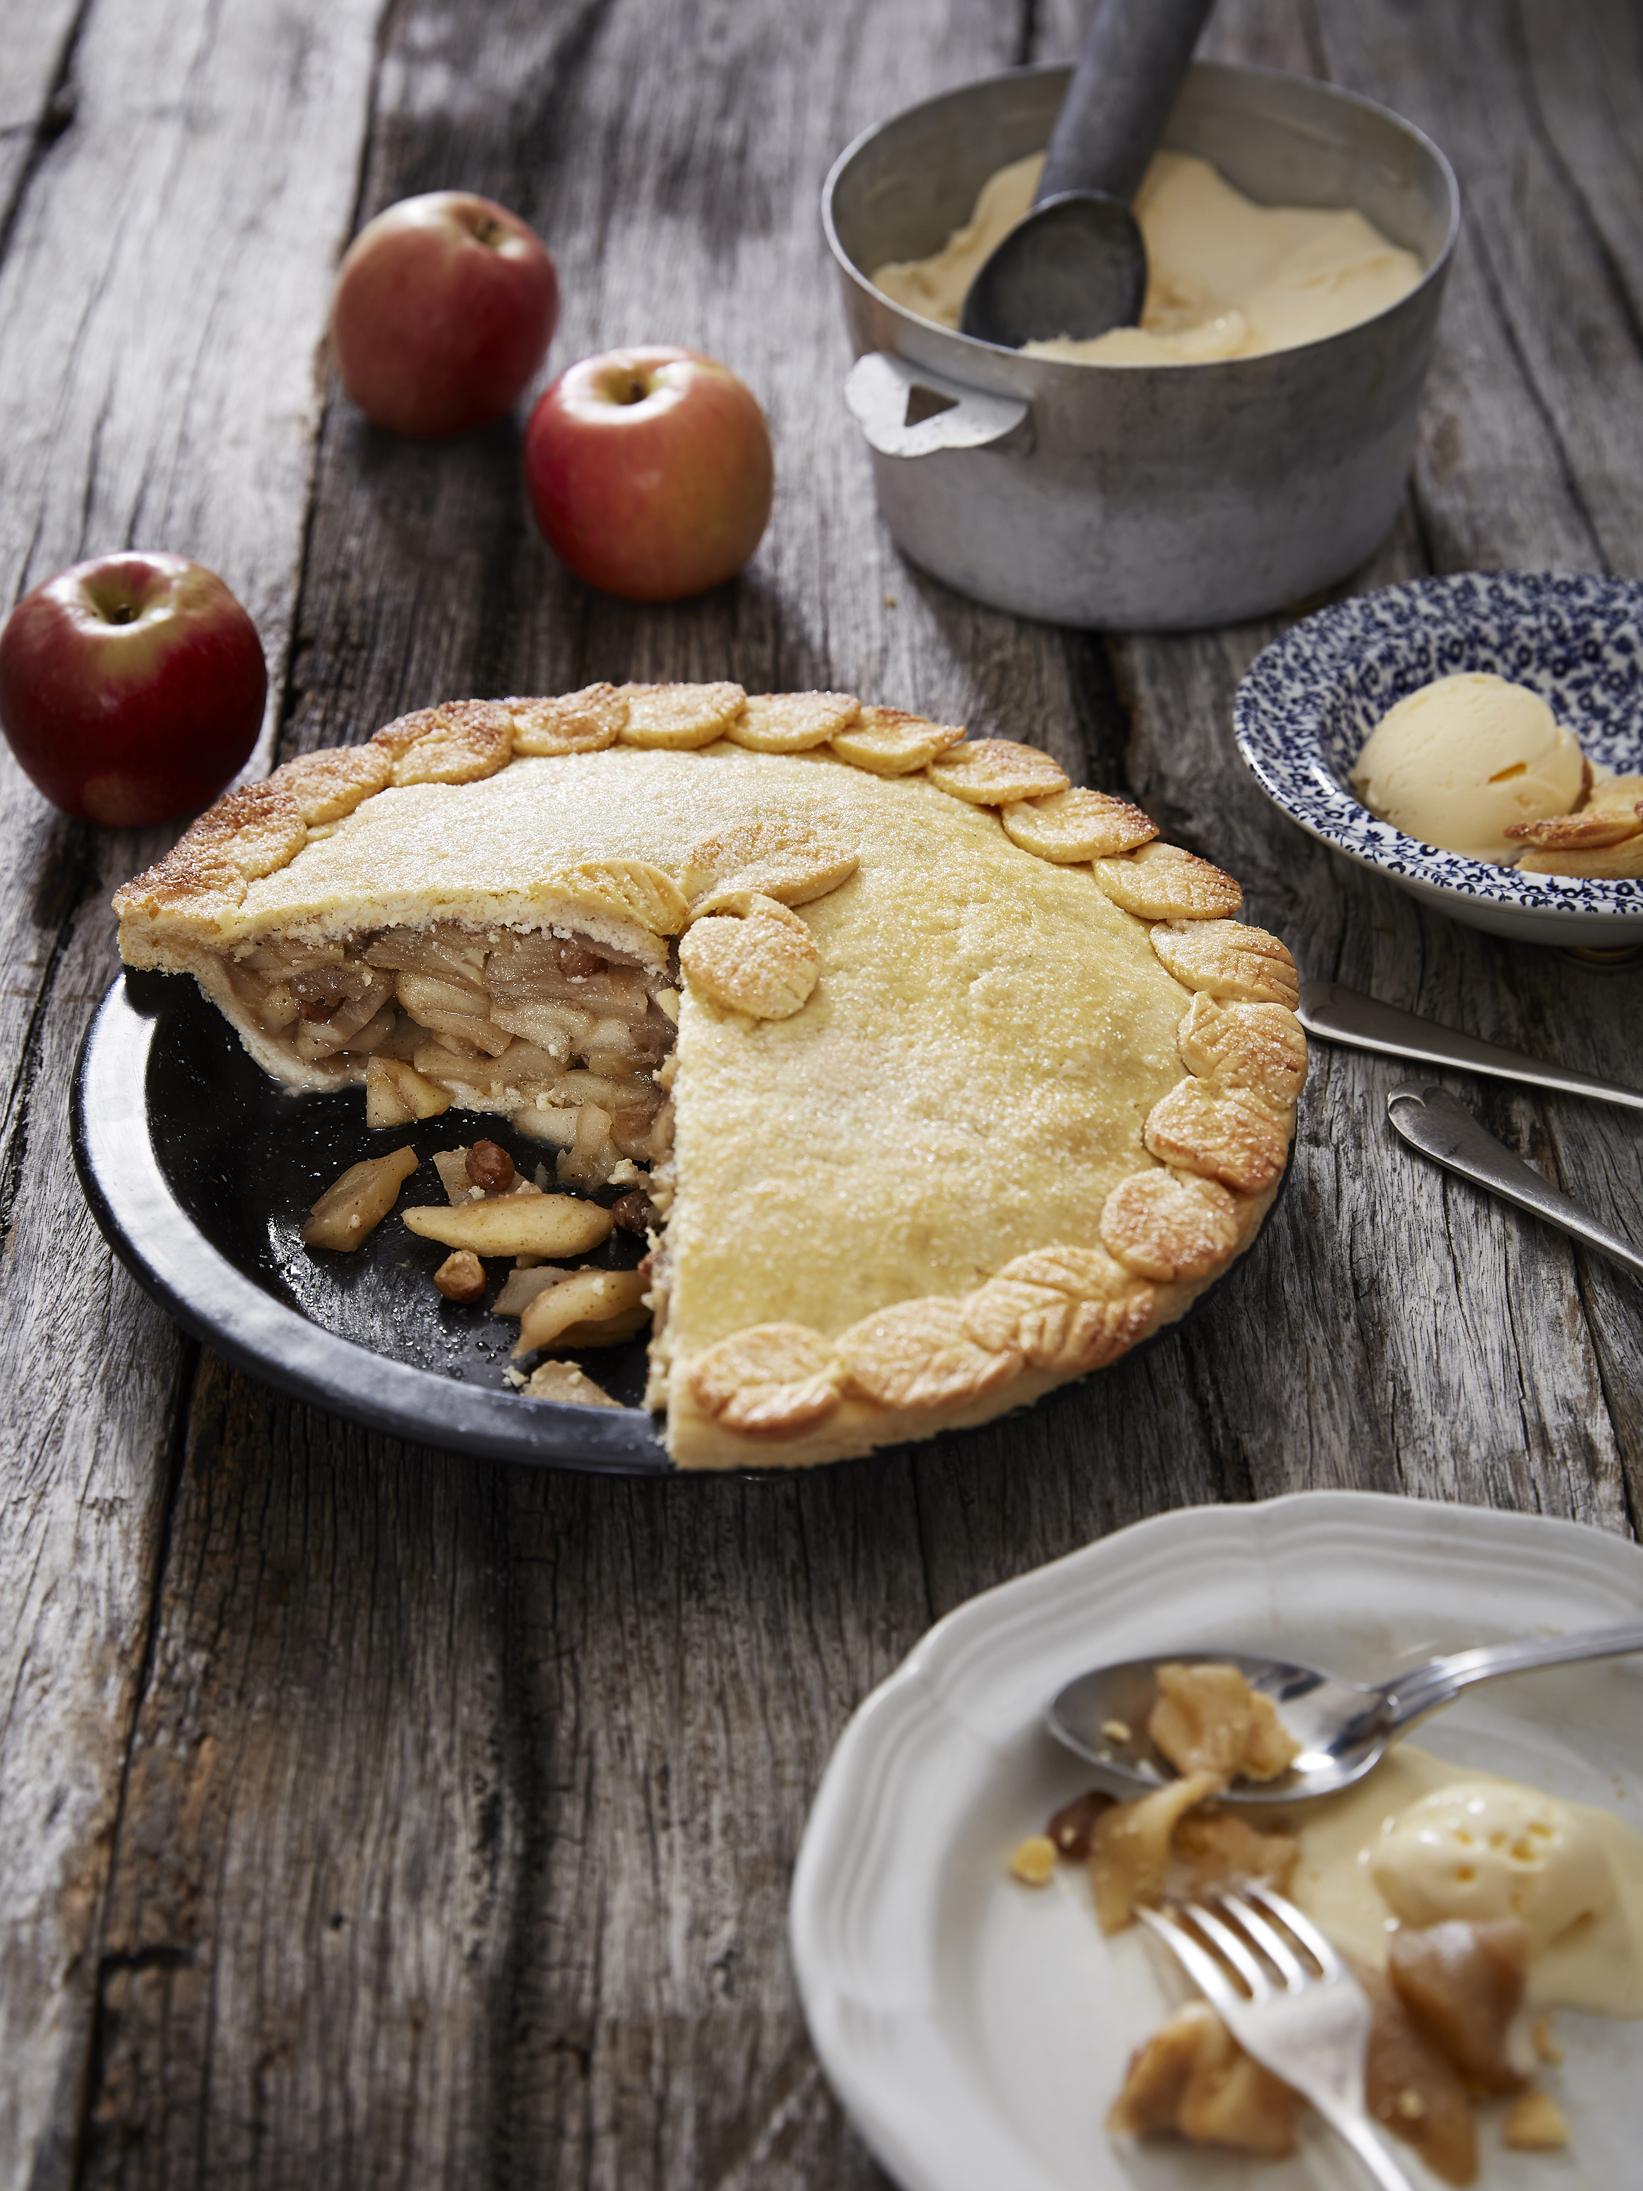 Grandmas' Apple Pie